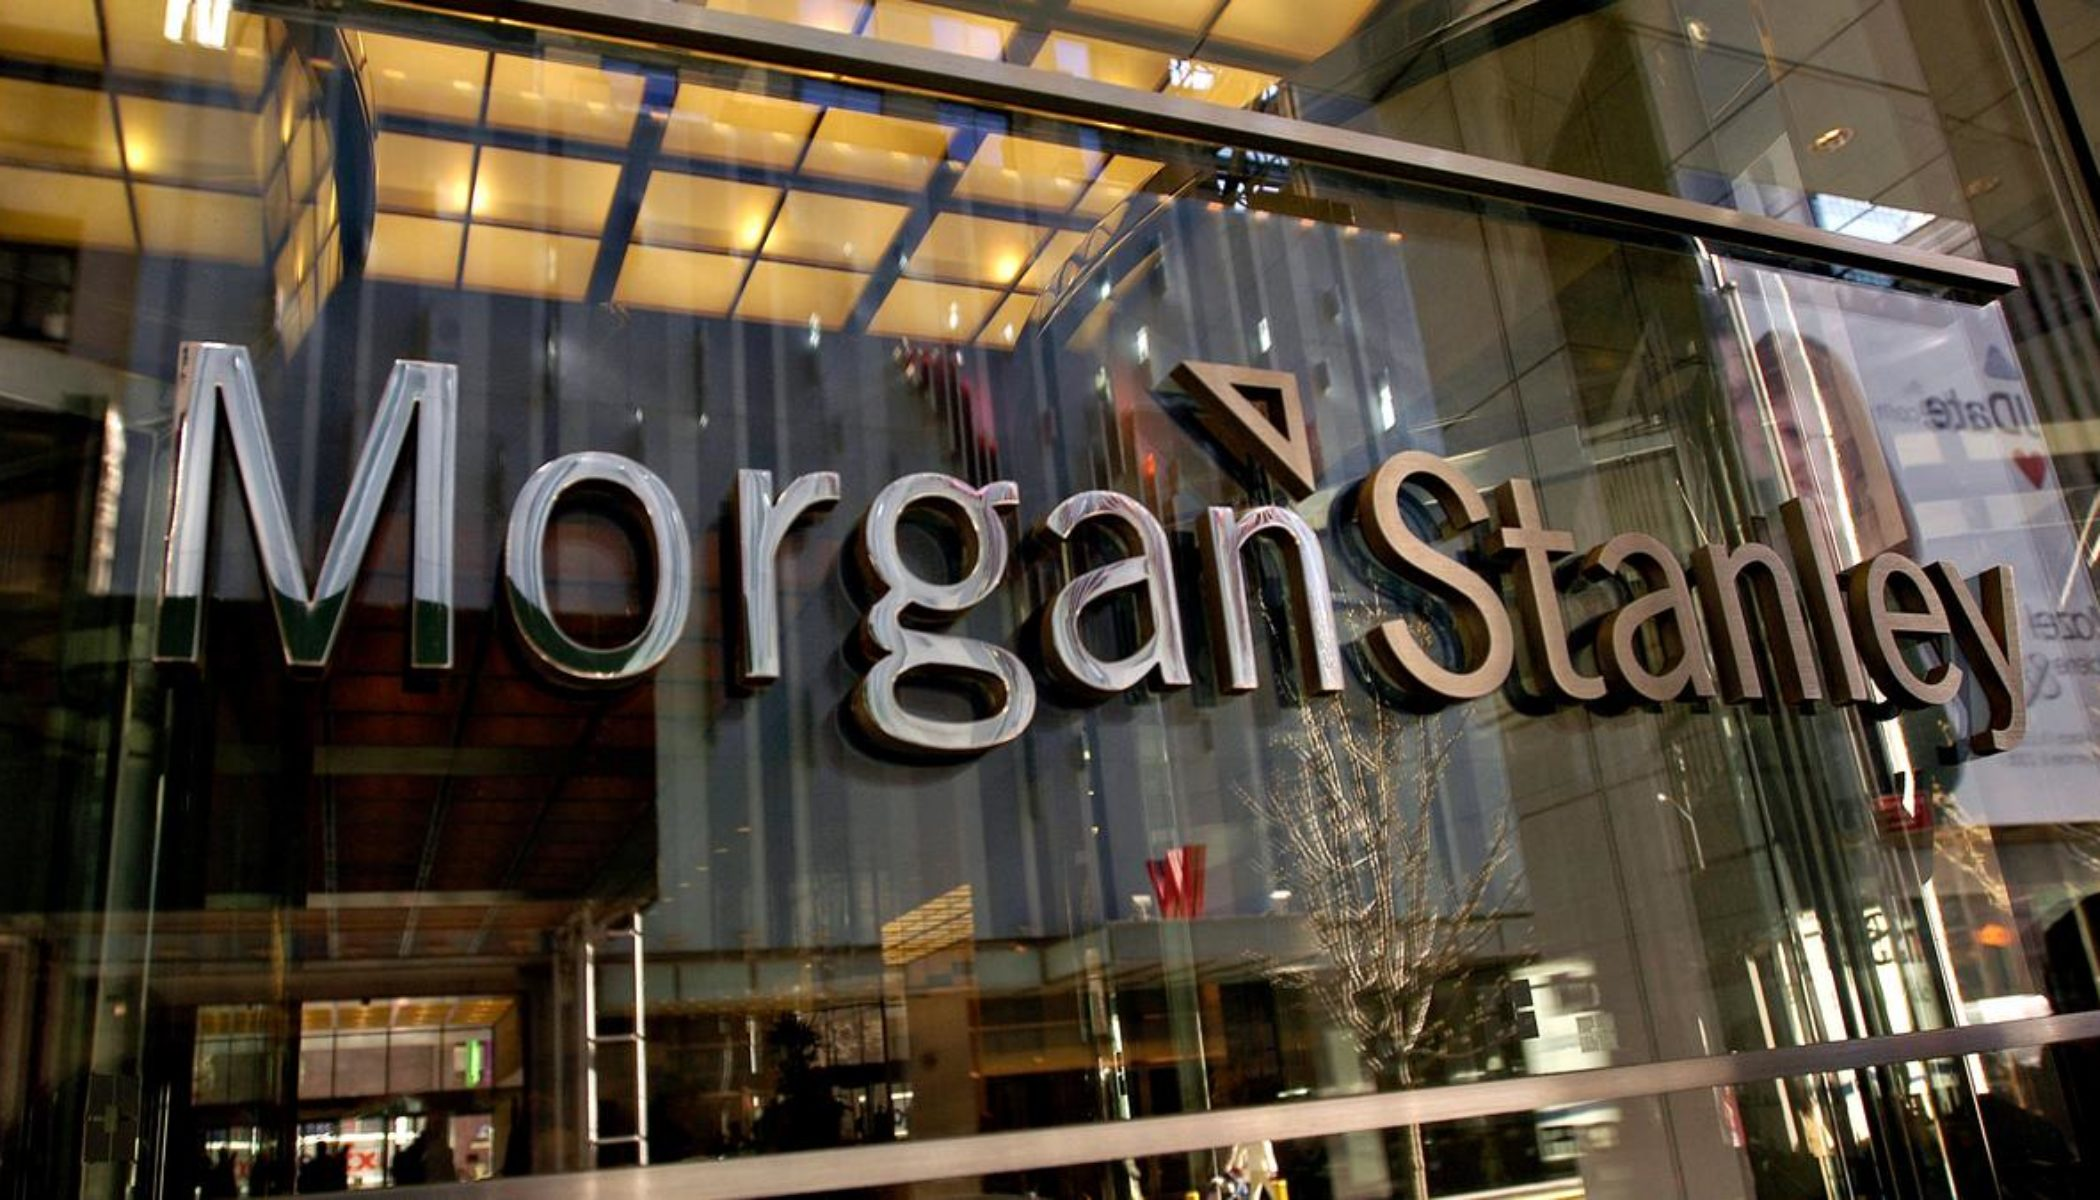 مورجان ستانلي يتوقع انكماش اقتصاد أمريكا بنحو 38% في الربع الثاني من 2020